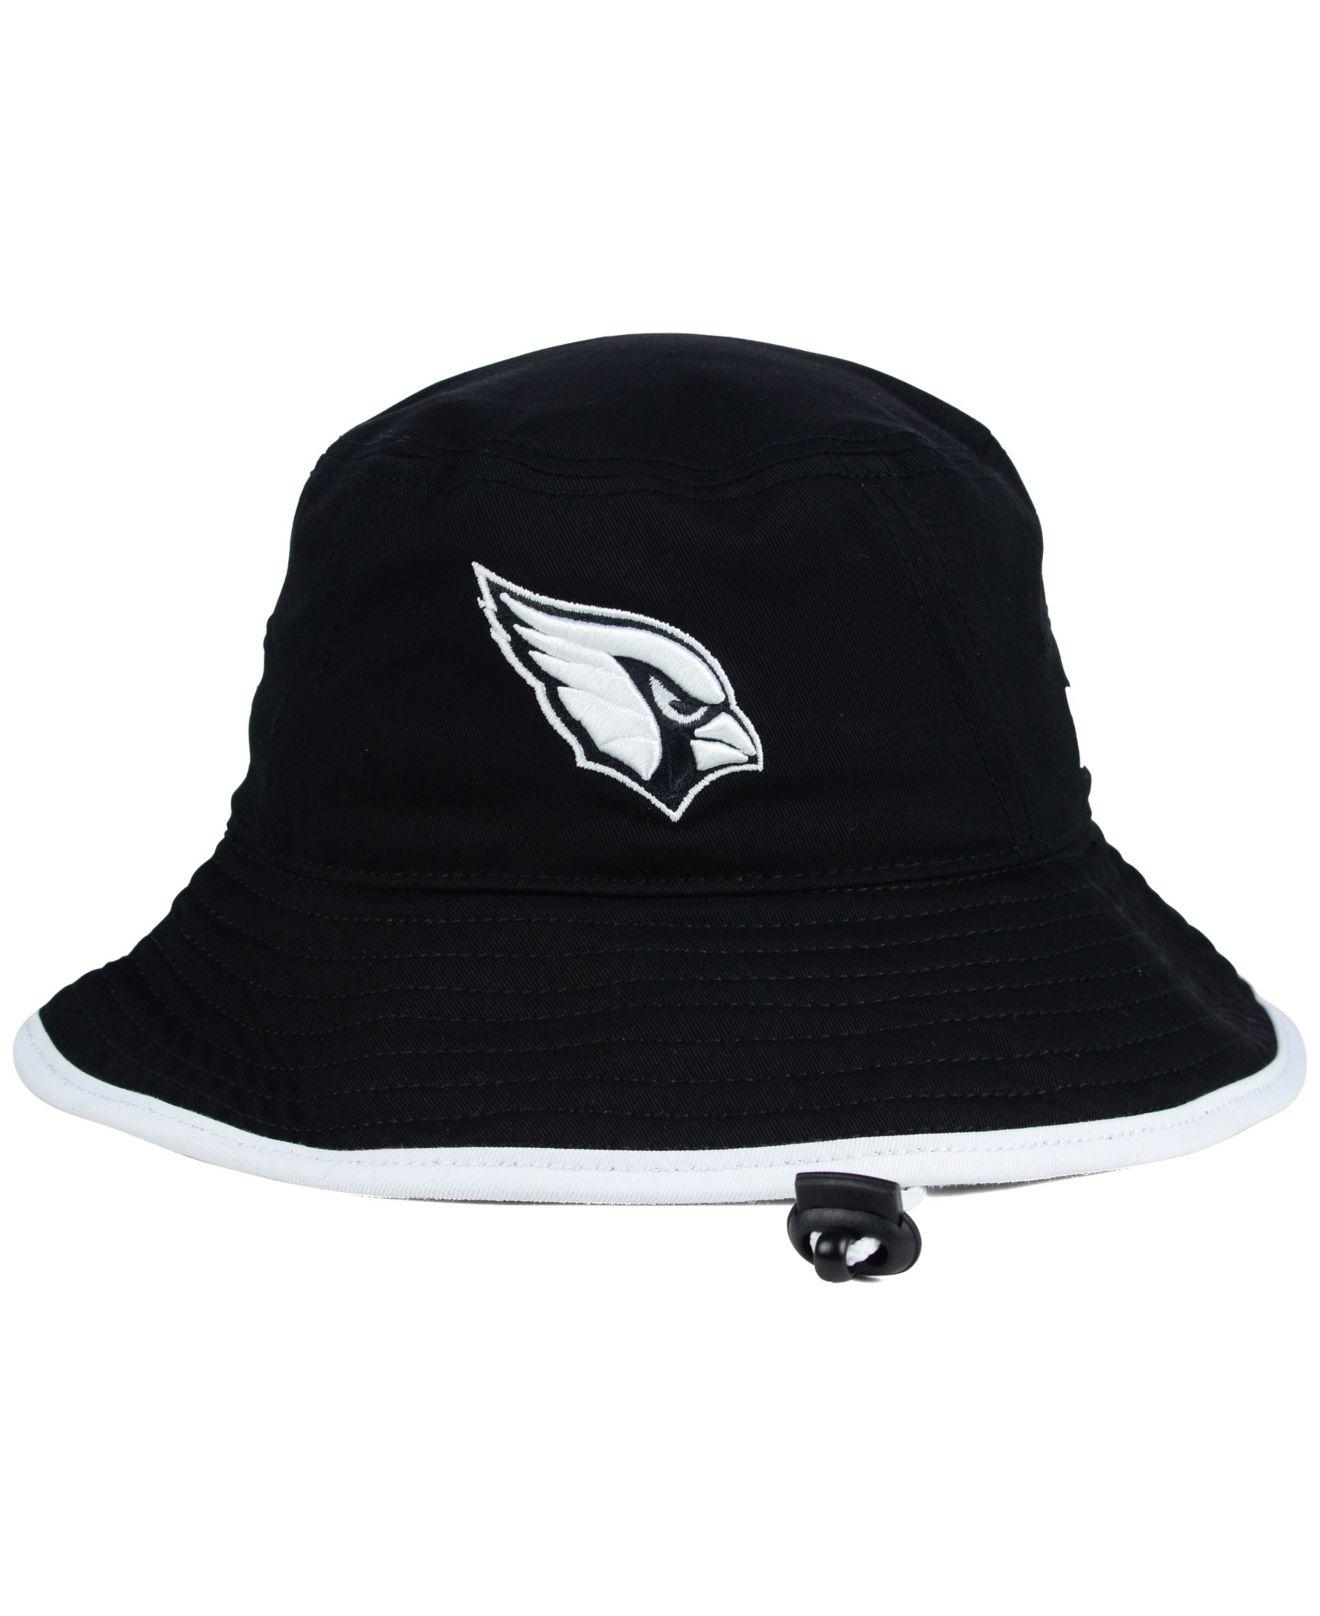 new arrival 2fc1b 6859d reduced lyst ktz arizona cardinals nfl black white bucket hat in black  db80b 4d650